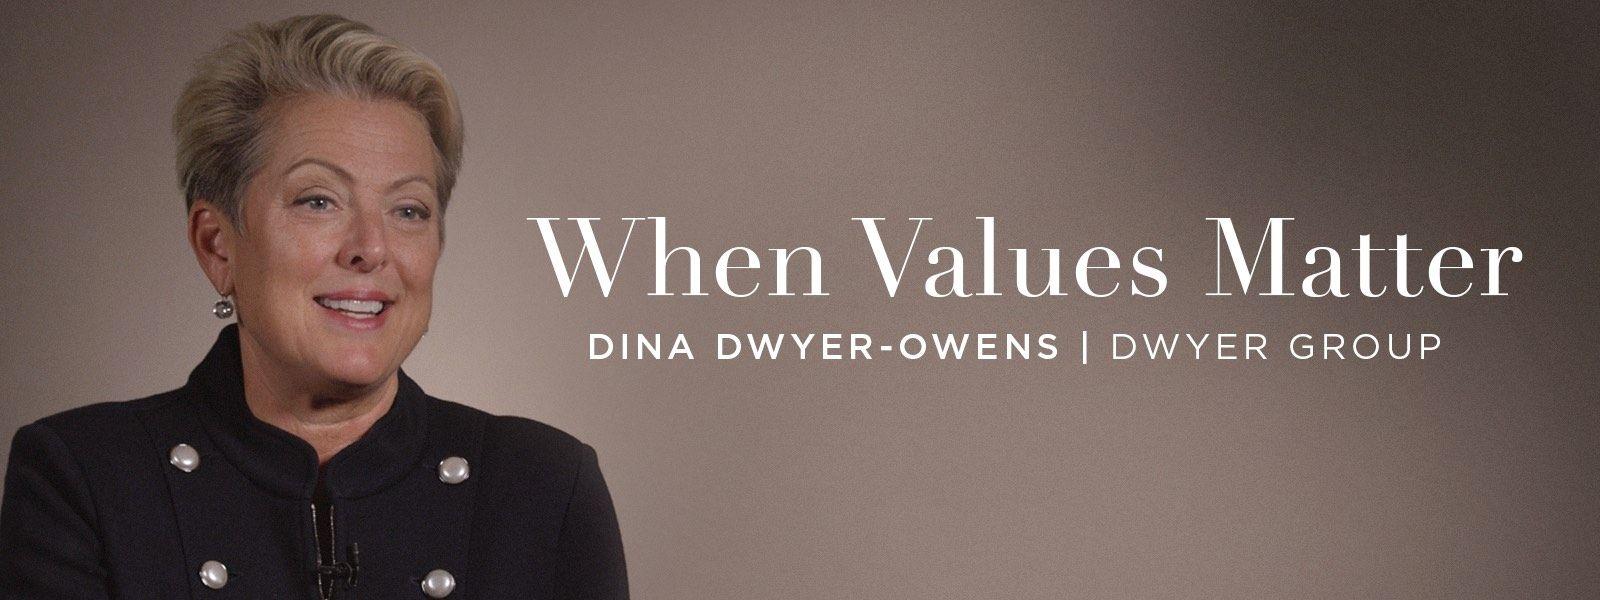 When Values Matter